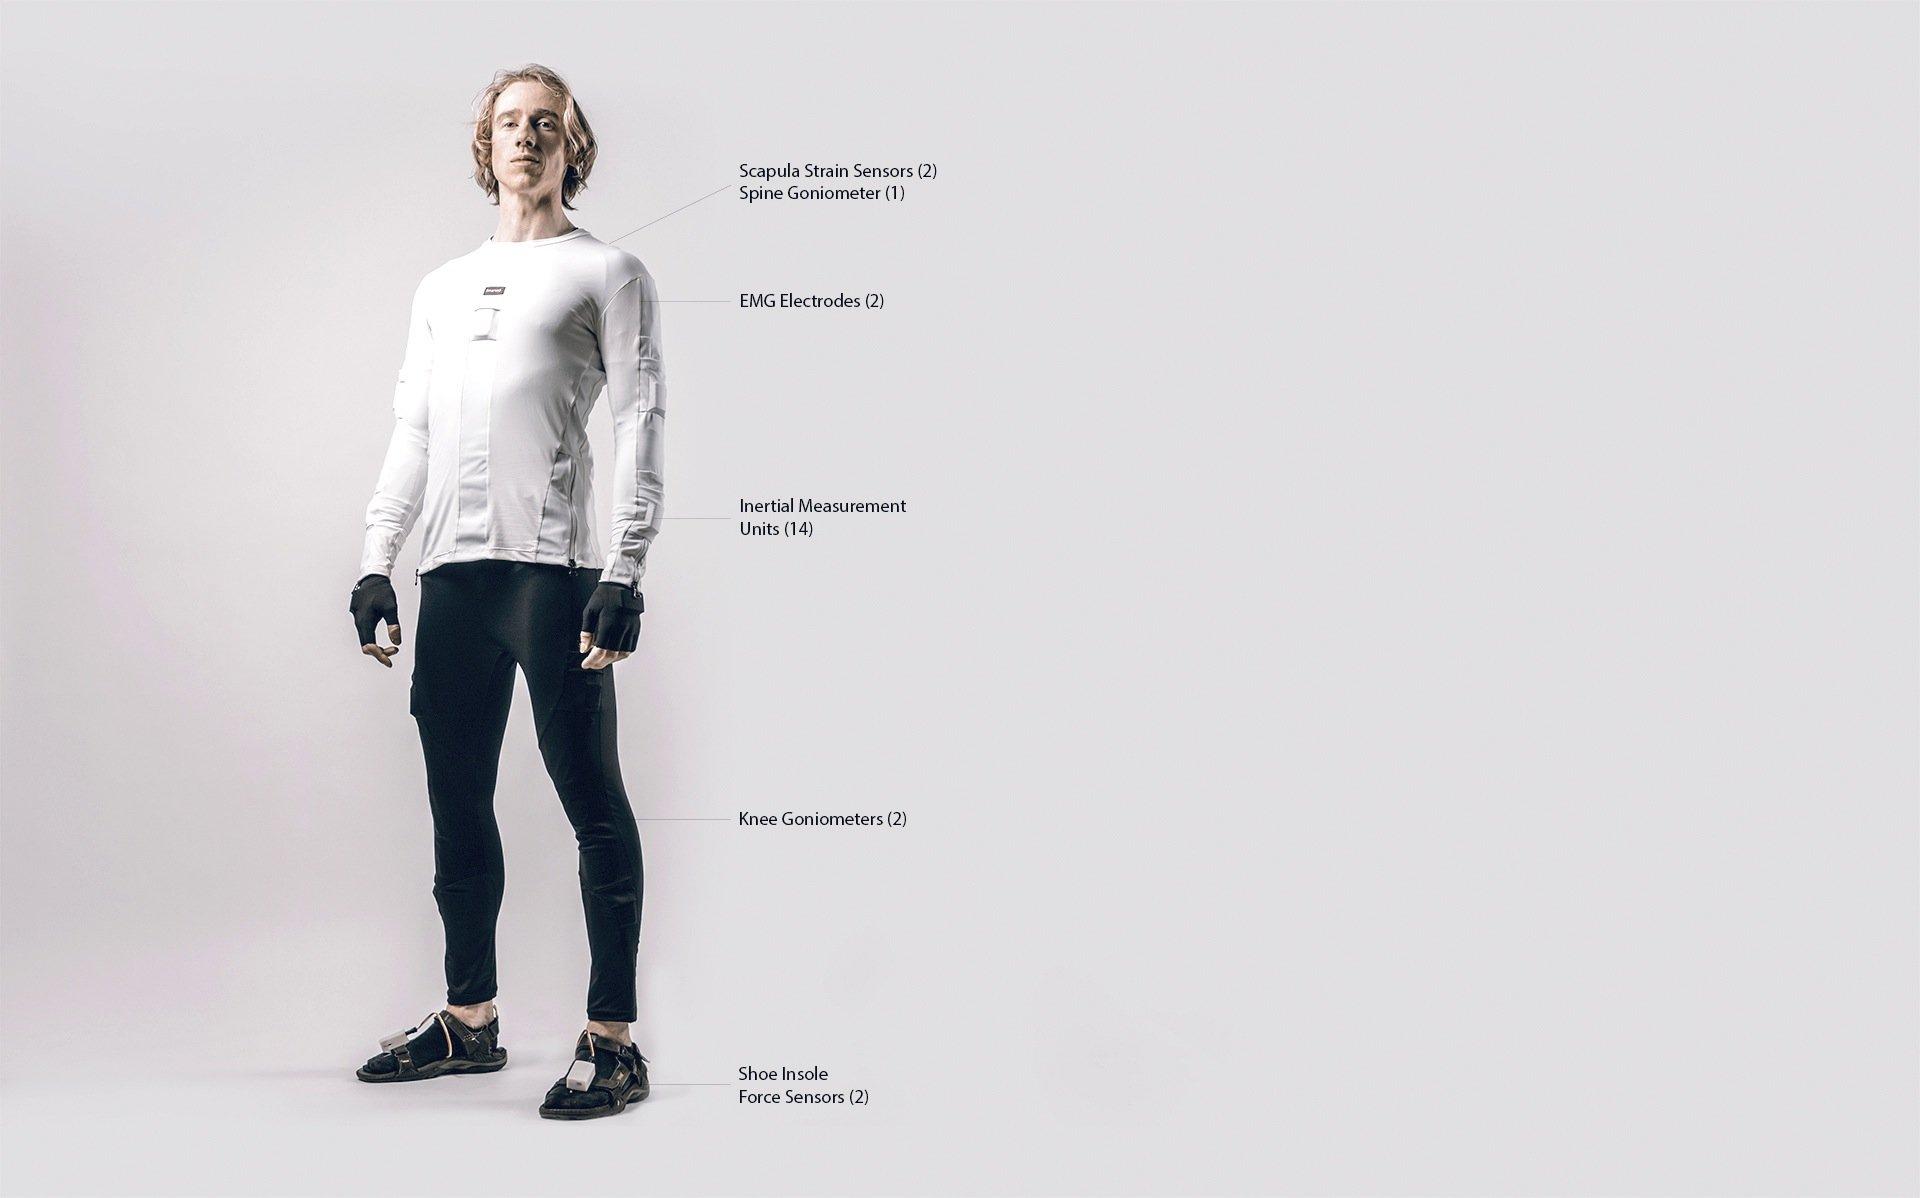 Entwickler Bart Klaassen im neuen Sensoranzug: Wie Funktionsunterwäsche liegt der Anzug mit 41 Sensoren eng am Körper.